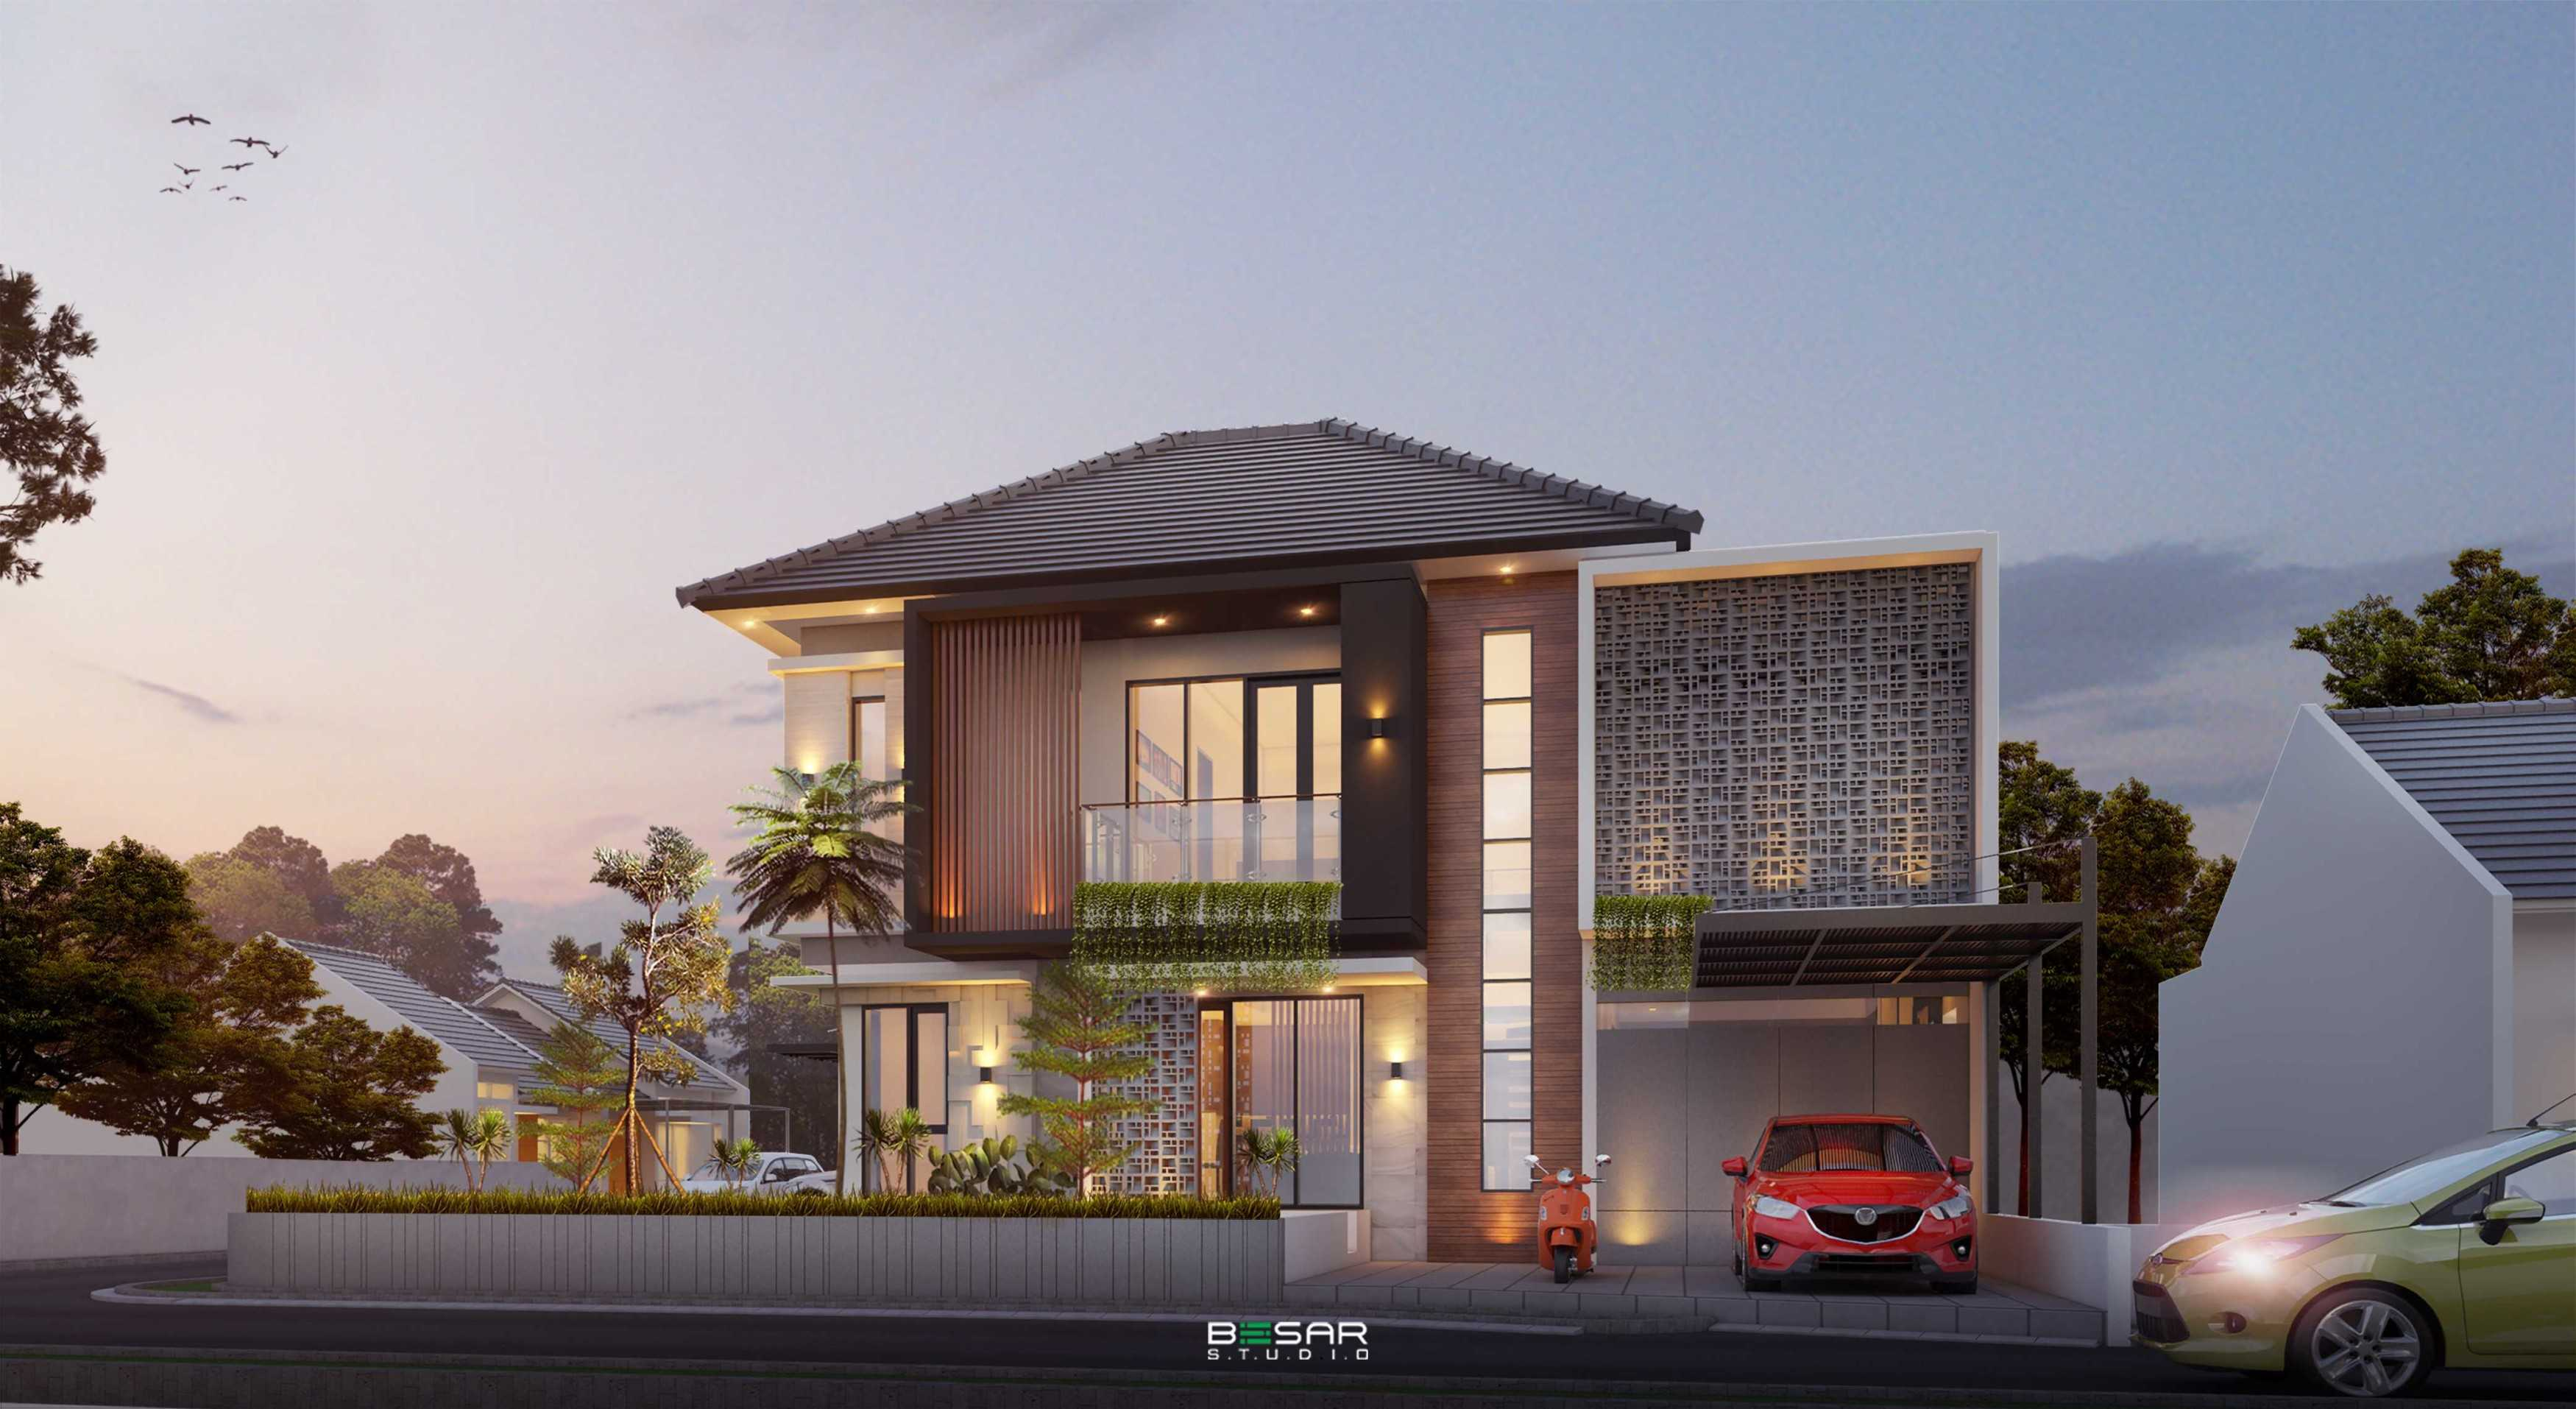 Studio Besar Dr House, Bogor Bogor, Jawa Barat, Indonesia Bogor, Jawa Barat, Indonesia Studio-Besar-Dr-House   64823